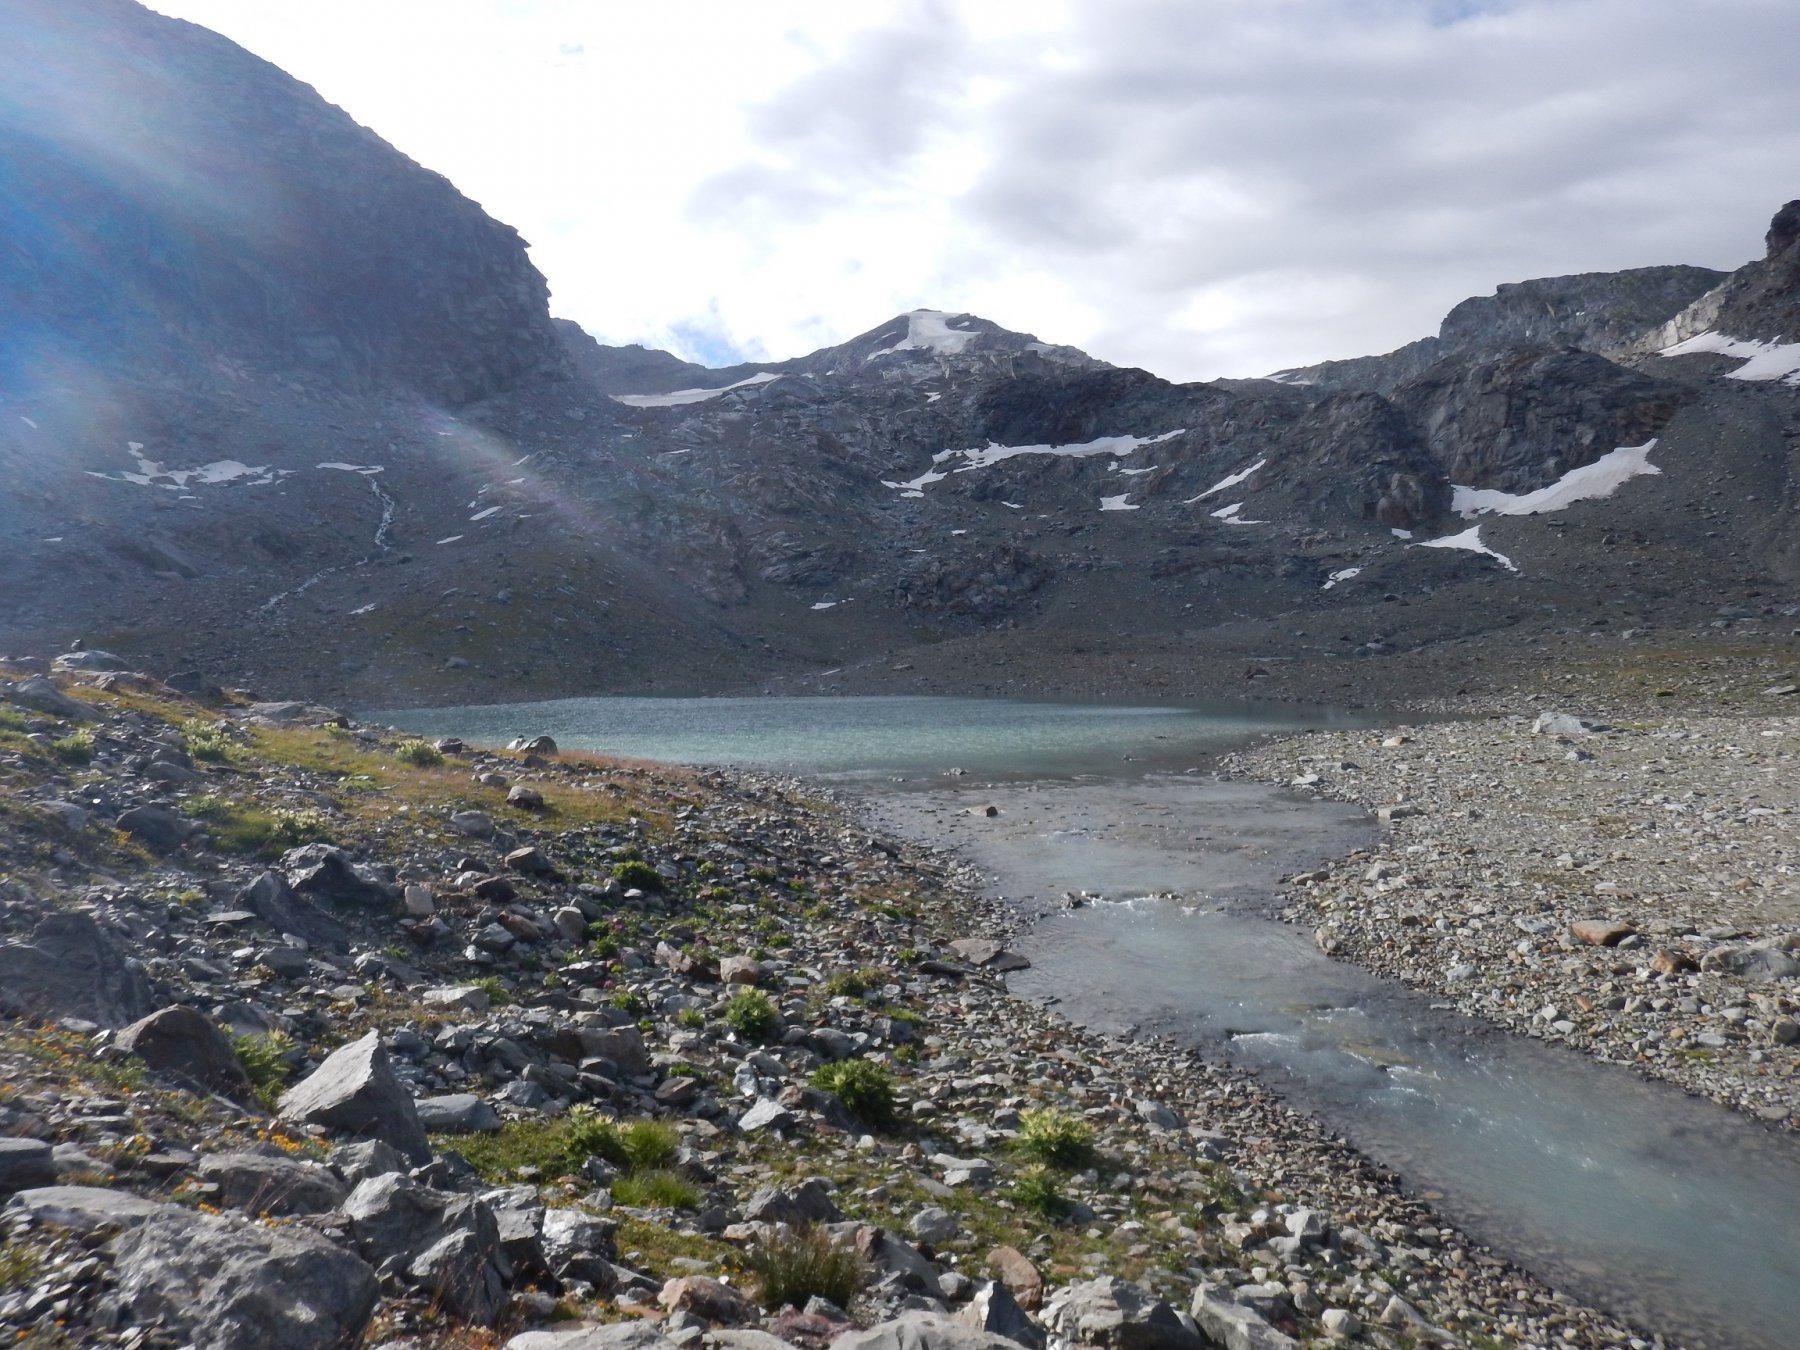 la cima vista dai laghi